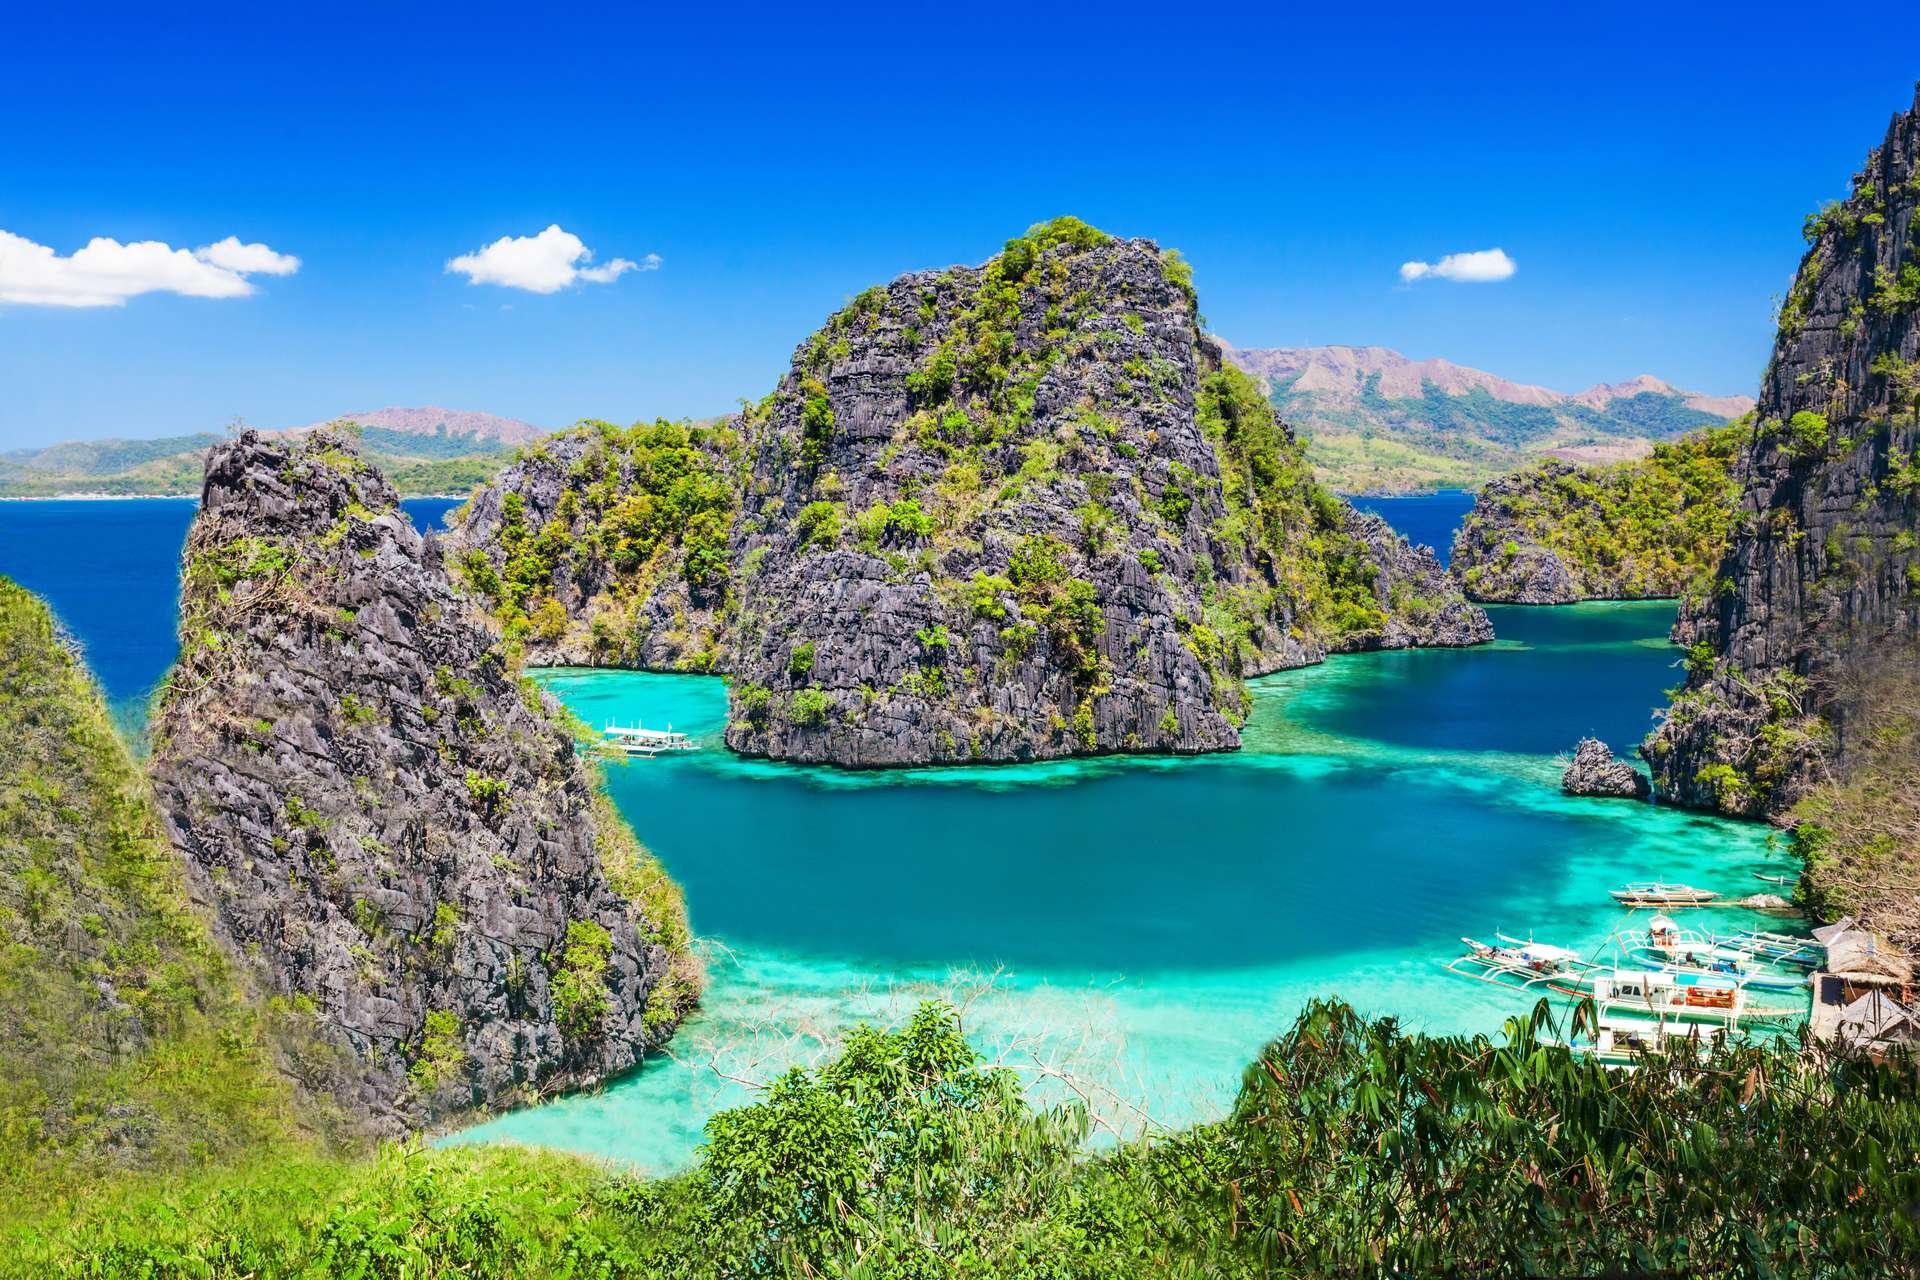 Filipijnen lagoon